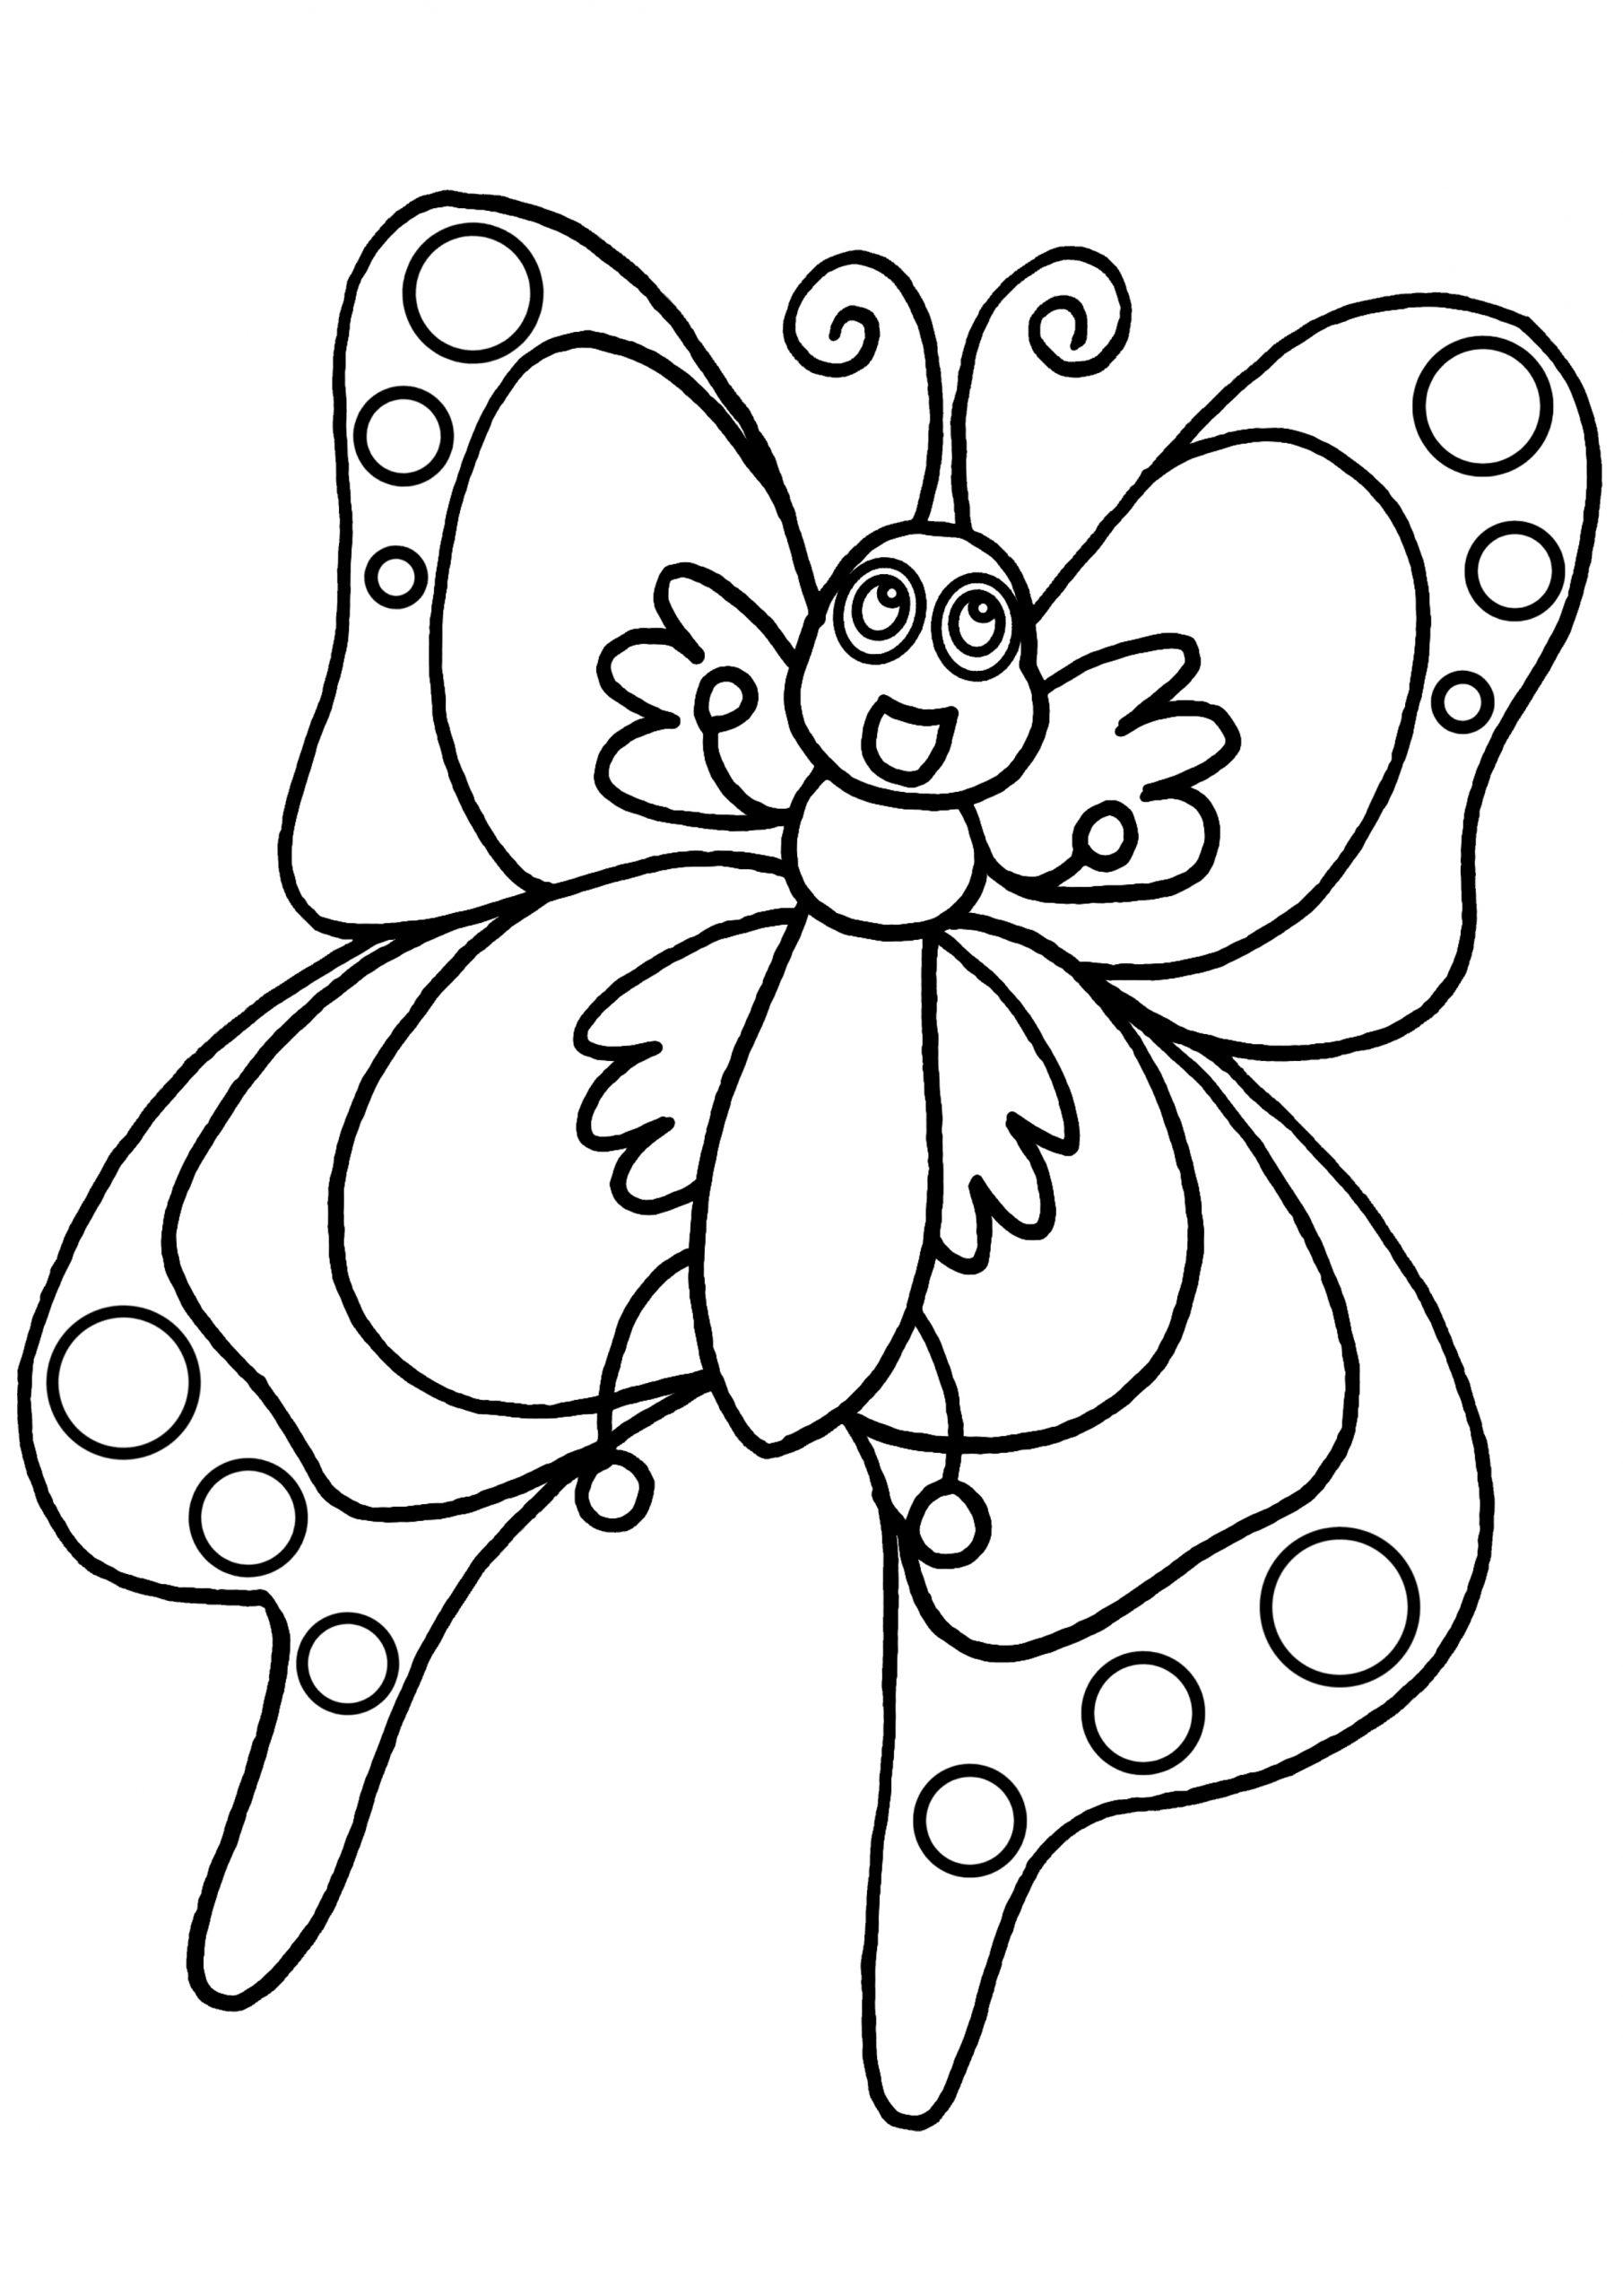 Coloriage Papillon - Les Beaux Dessins De Animaux À Imprimer destiné Papillon À Dessiner